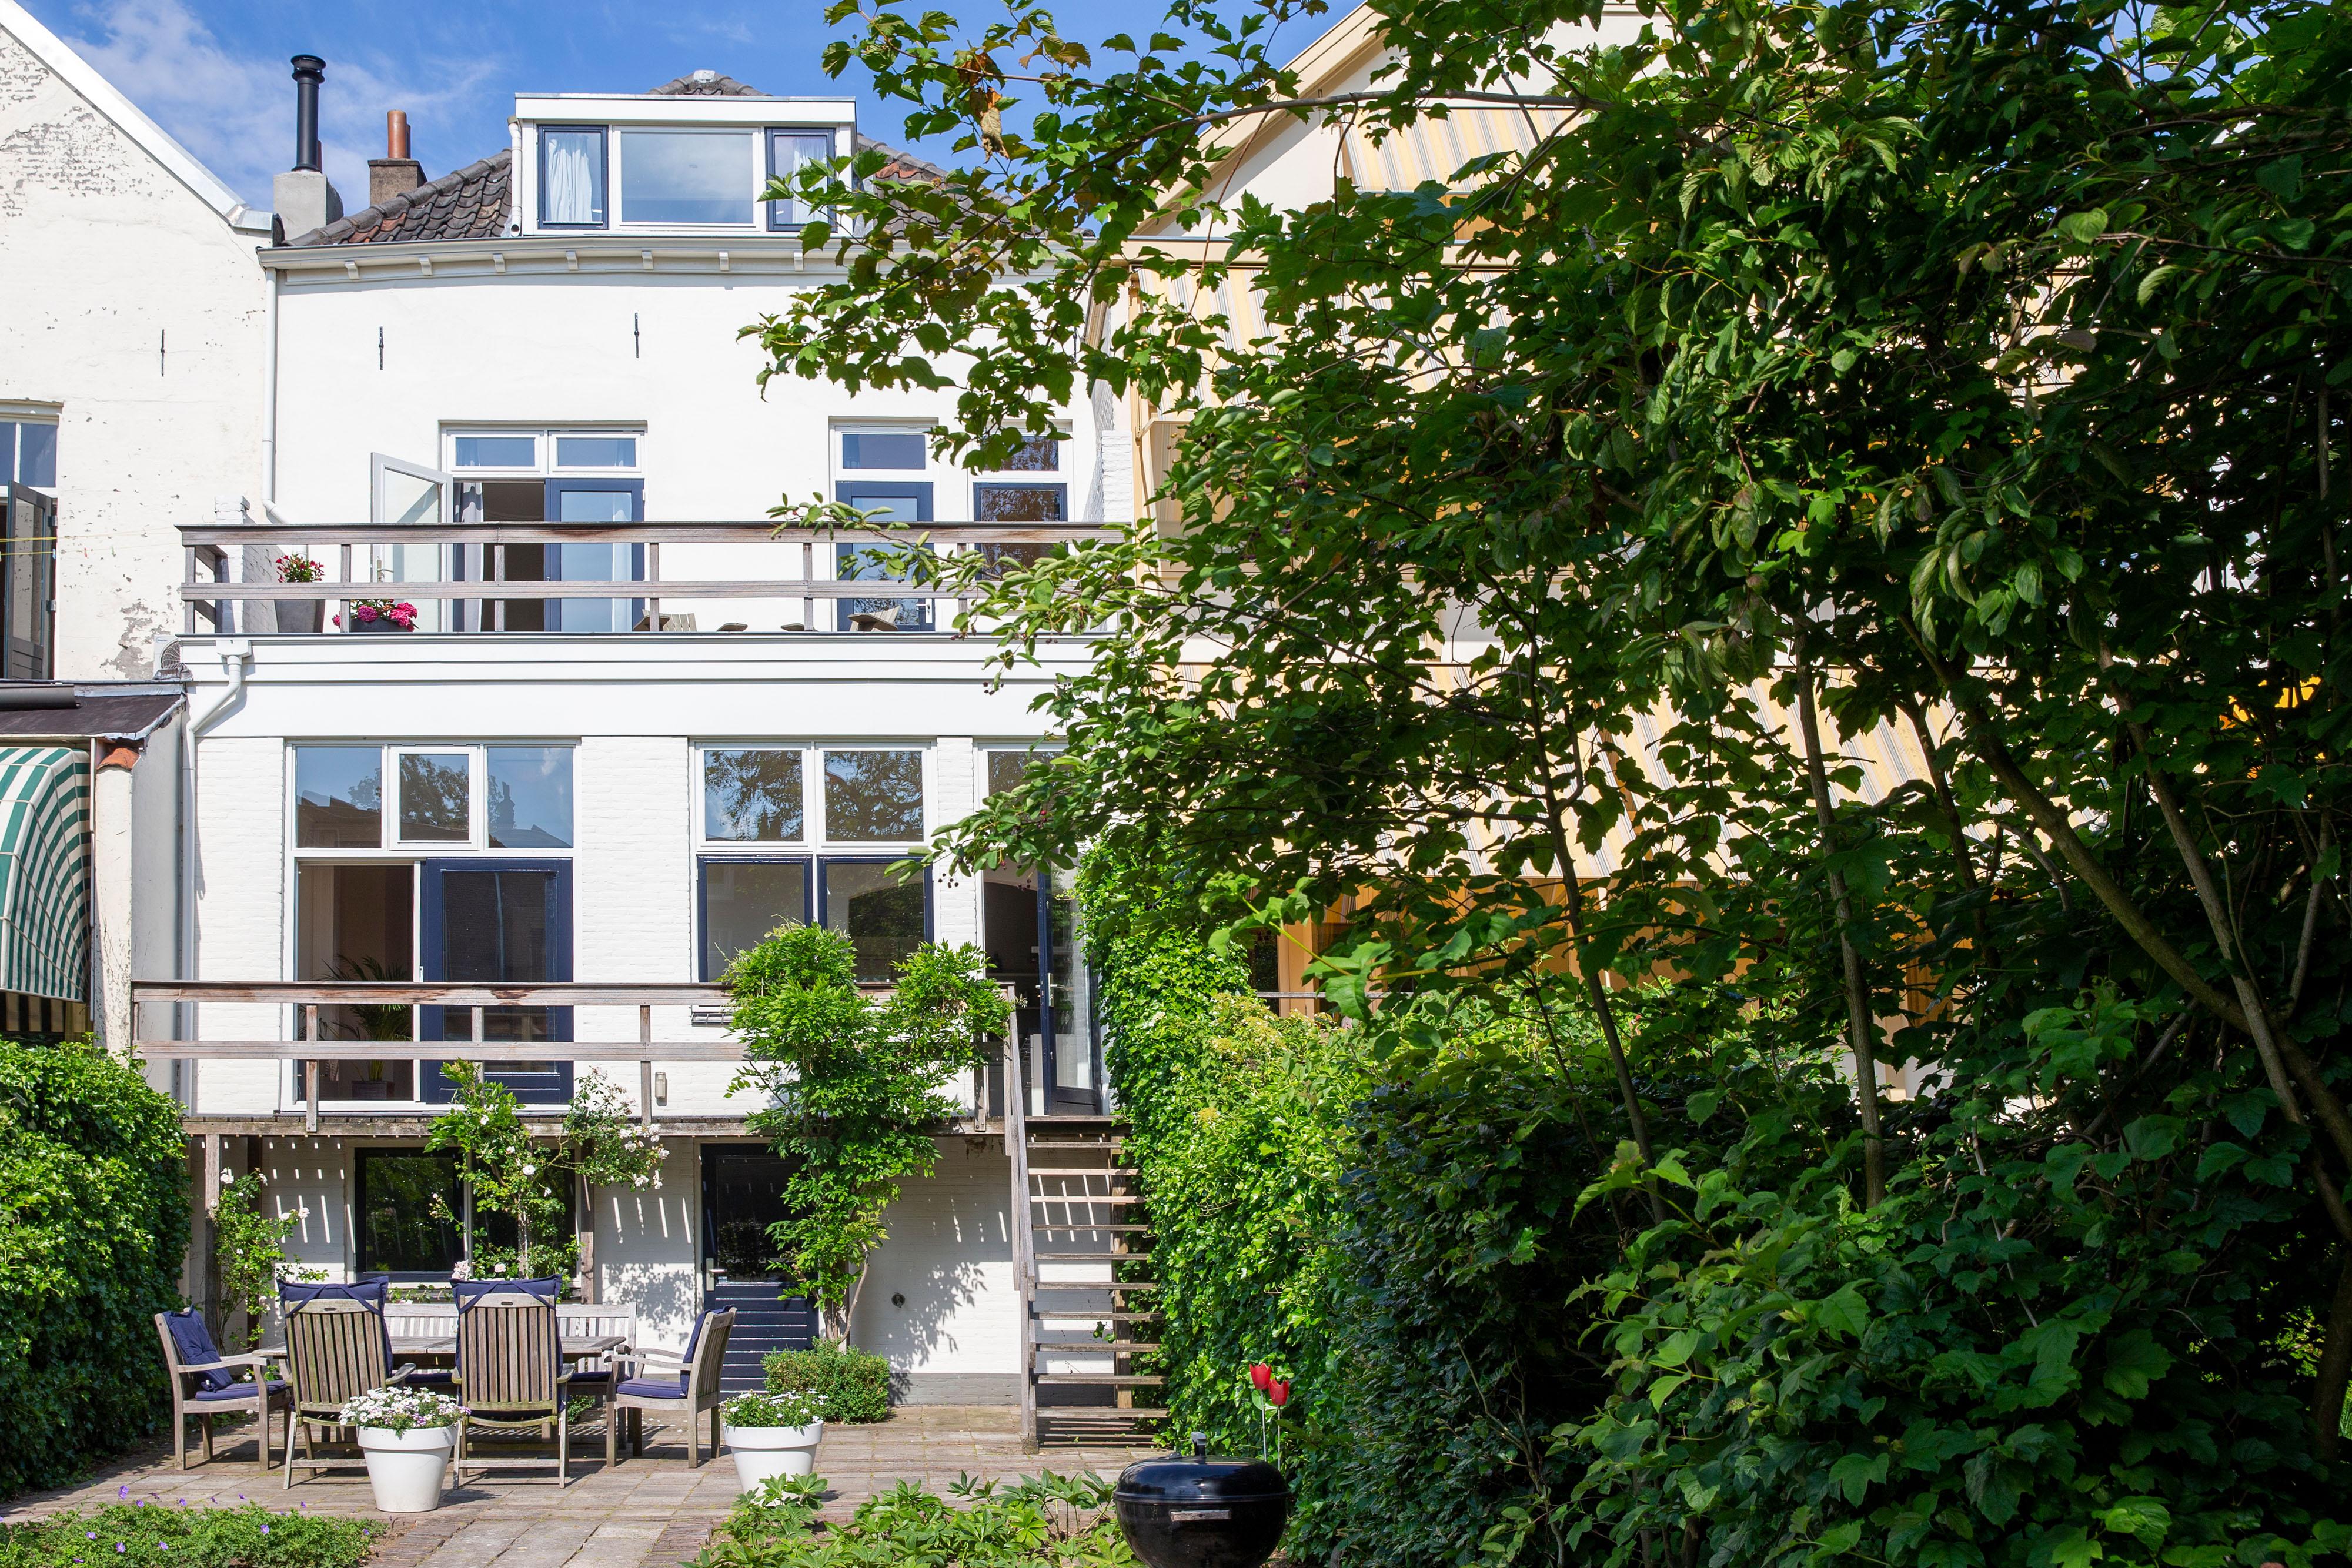 Van der Chijs Makelaardij - Rozenhoflaan 28, Zutphen©foto www.paulinejoosten.nl